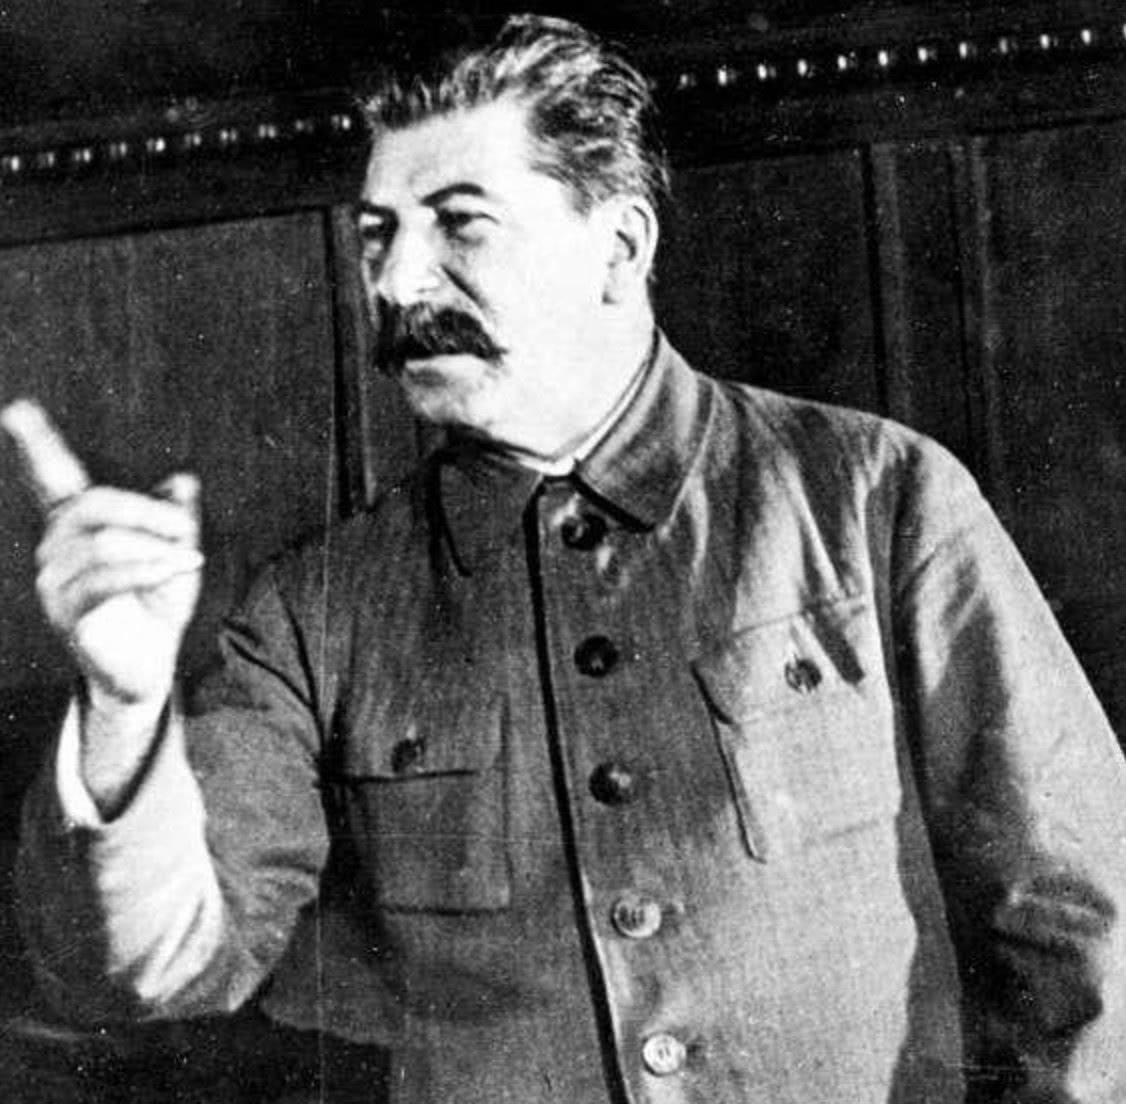 苏联的等级官员名册本意是好的,斯大林却用它来贿赂,控制官员